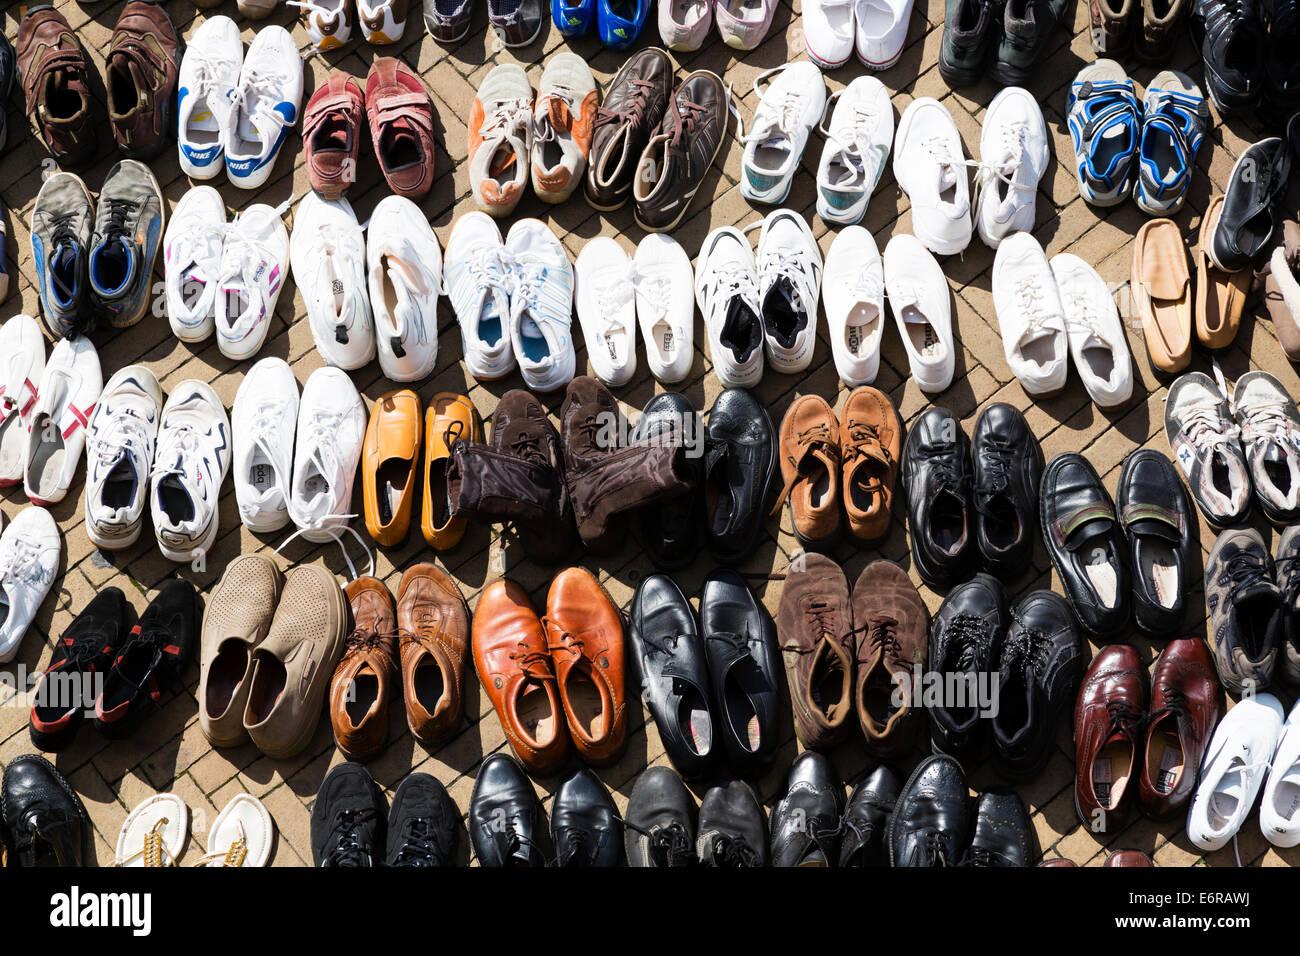 Gebrauchte Schuhe Stockfotos & Gebrauchte Schuhe Bilder Alamy